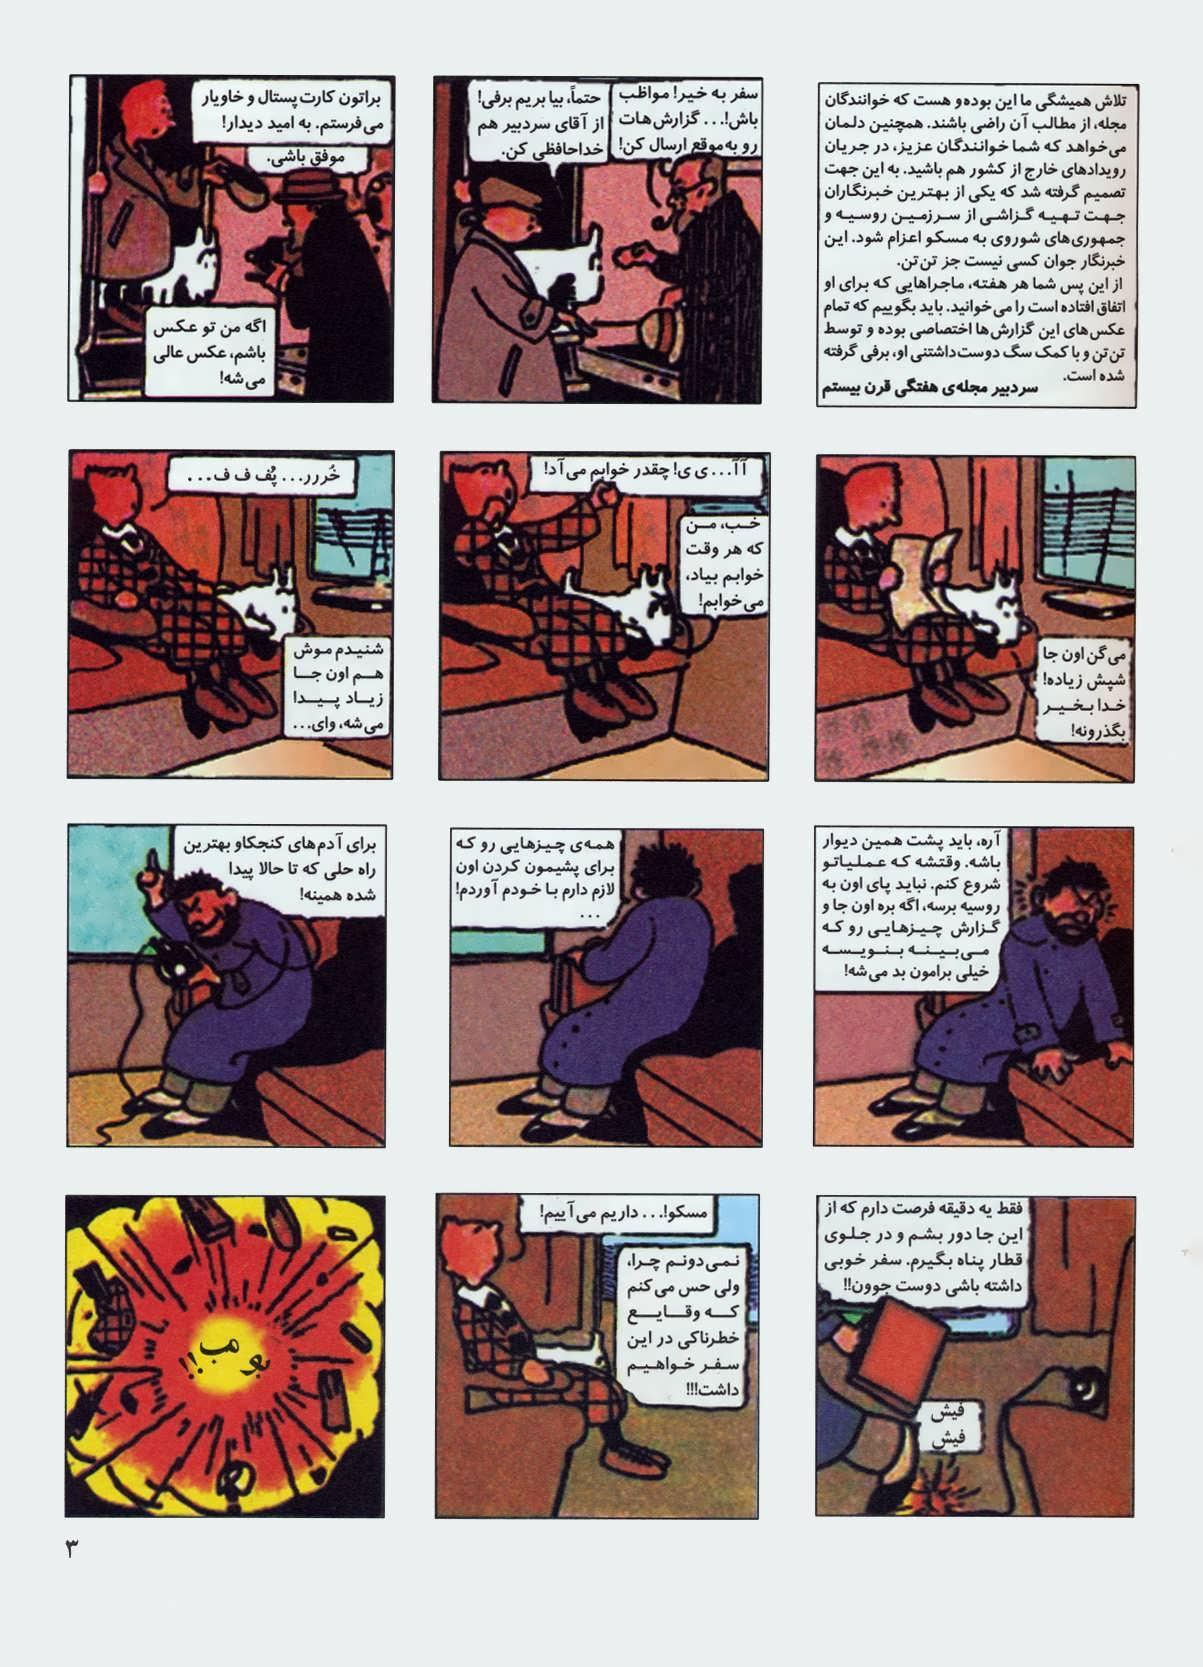 مجموعه ماجراهای تن تن خبرنگار جوان (4جلدی،باقاب)